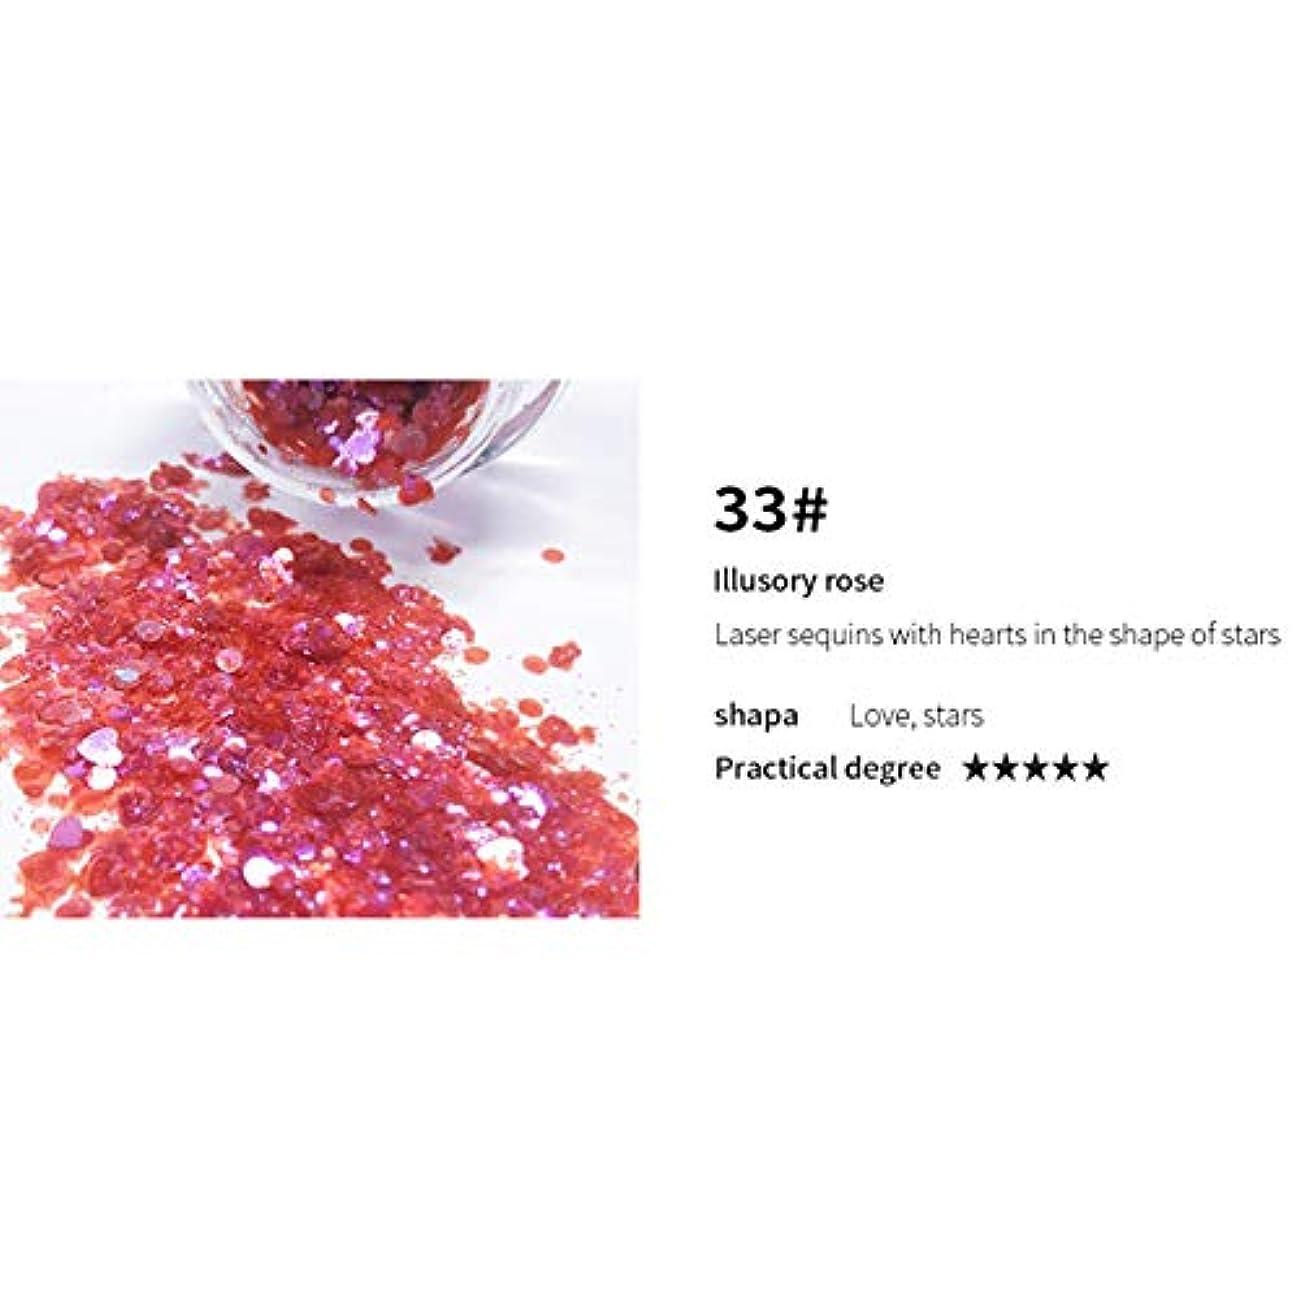 潜在的な吸い込むモチーフRabugogo キラキラパウダースパンコールパーティーメイク輝くスパンコールカラフルな顔目リップボディヘアグリッターフラッシュネイル化粧品 33#